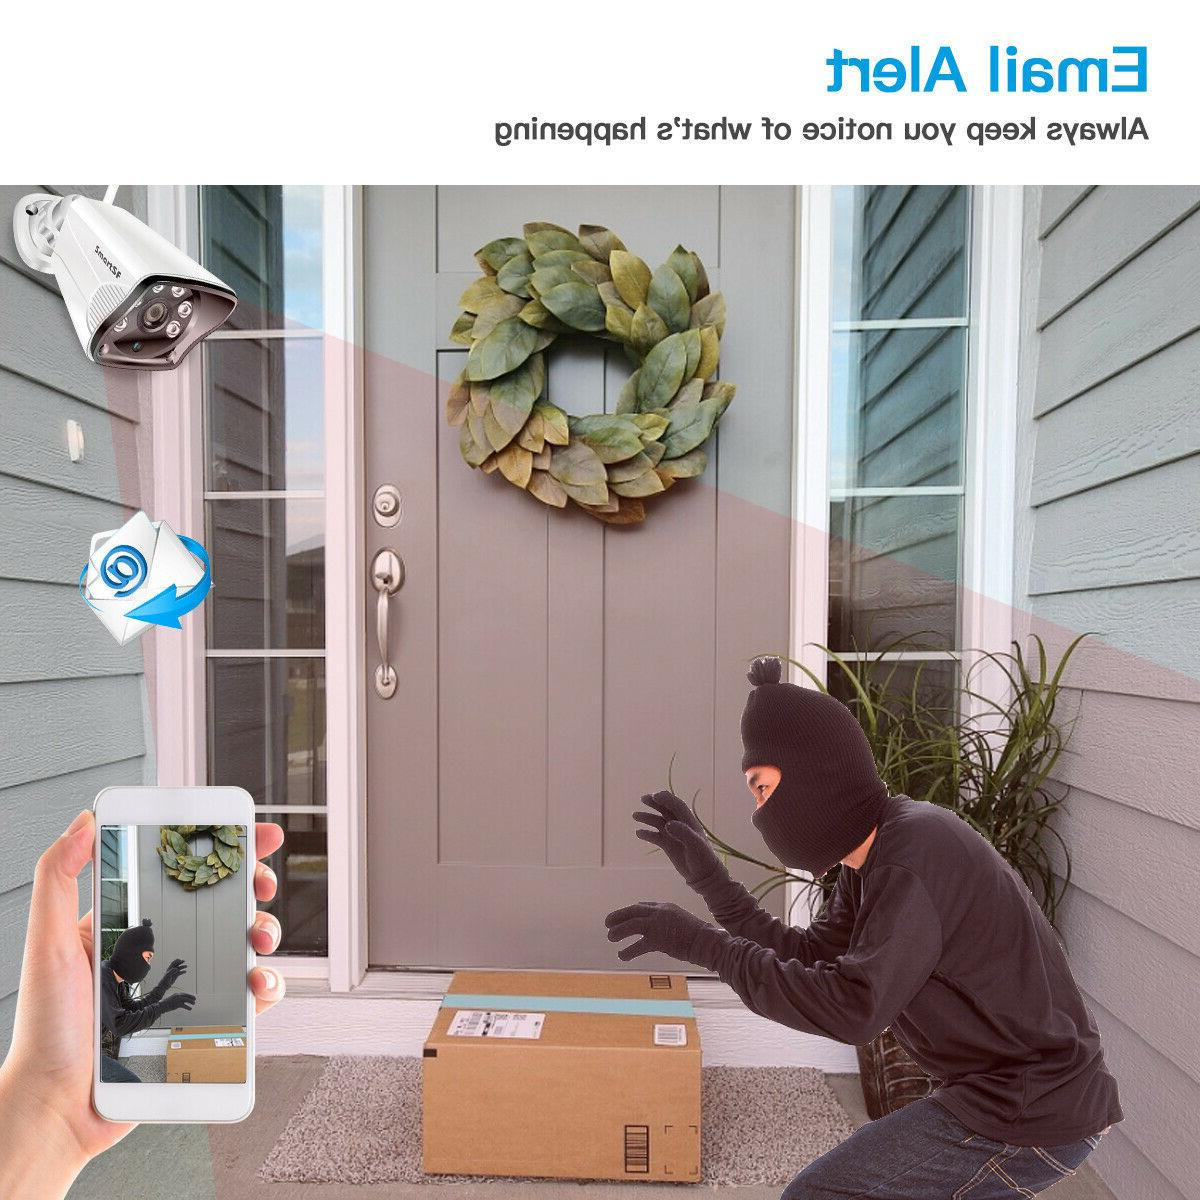 SmartSF Surveillance 720P Camera